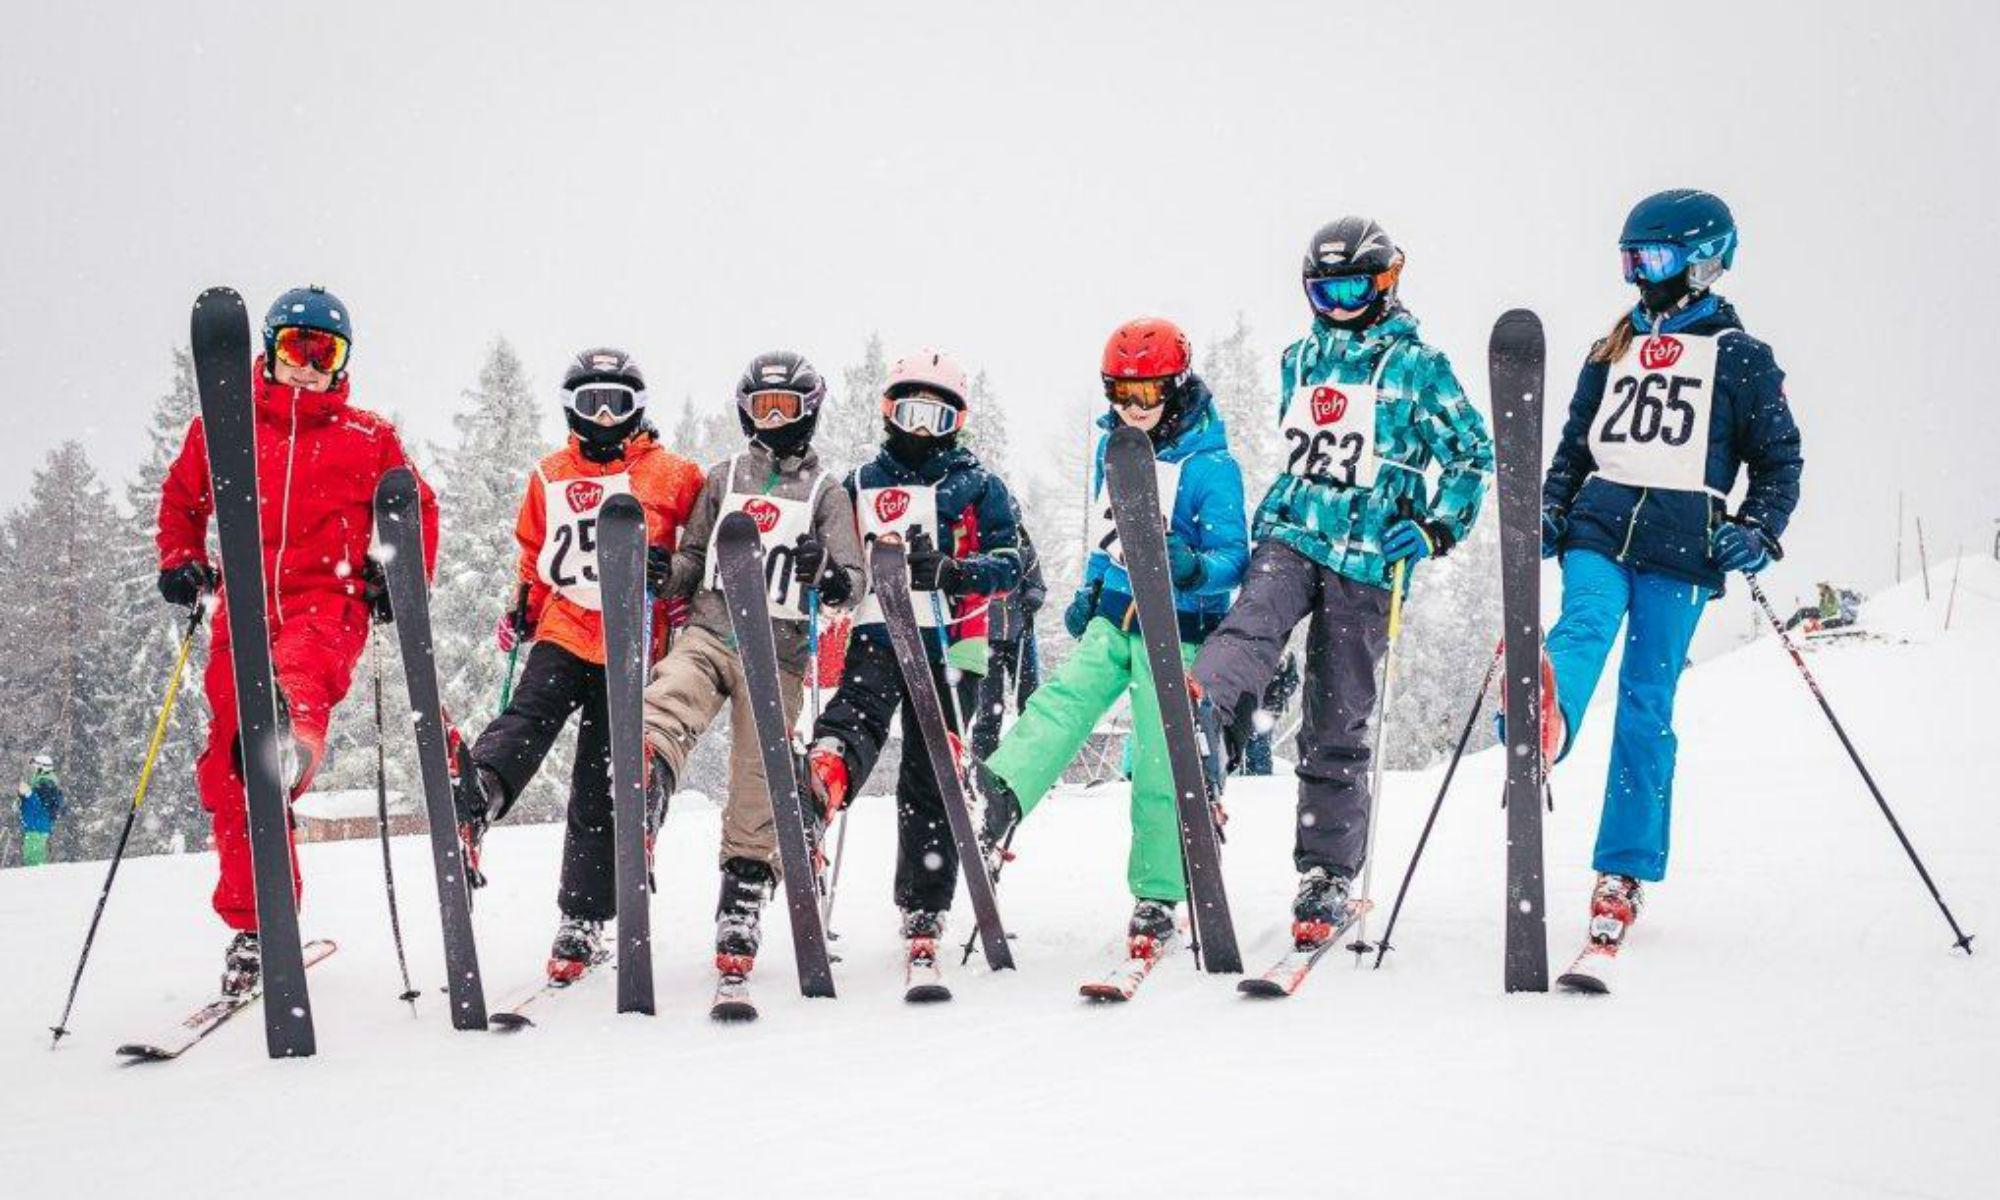 Ein Skilehrer und 6 Kinder posieren mit aufgestellten Skiern auf einer Piste der Mariazeller Bürgeralpe.